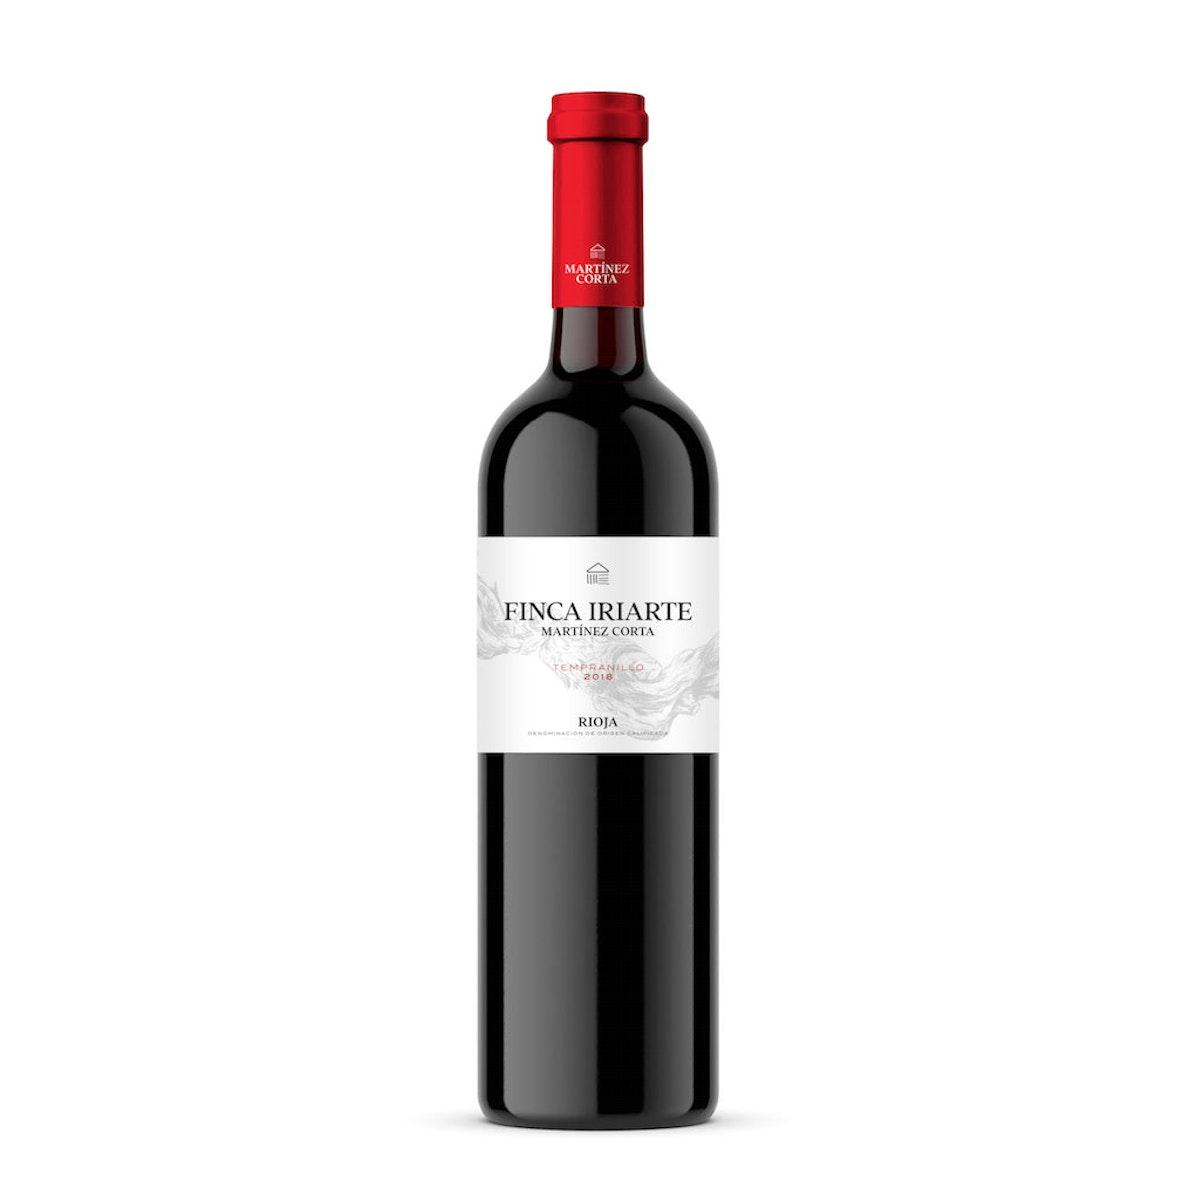 Rioja Finca Iriarte, 2018